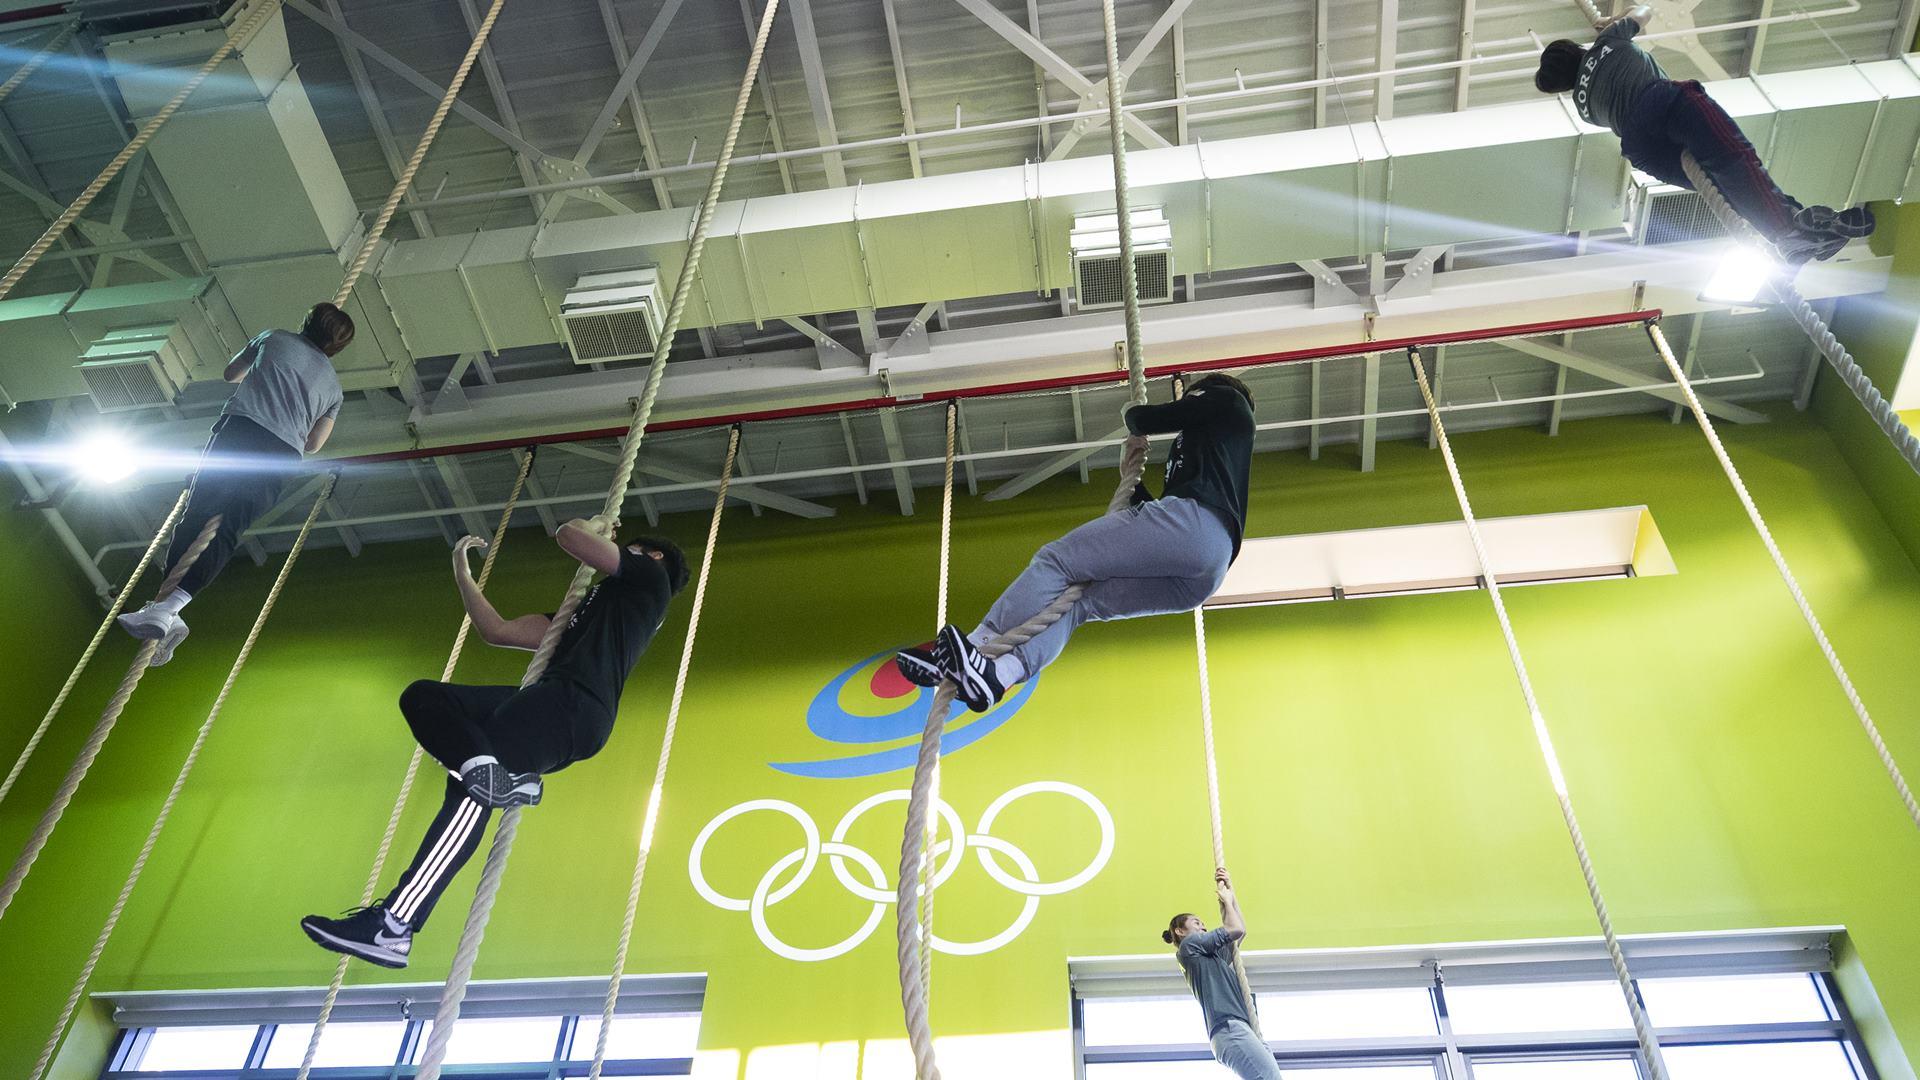 올림픽 향해 뛰는 태극전사들